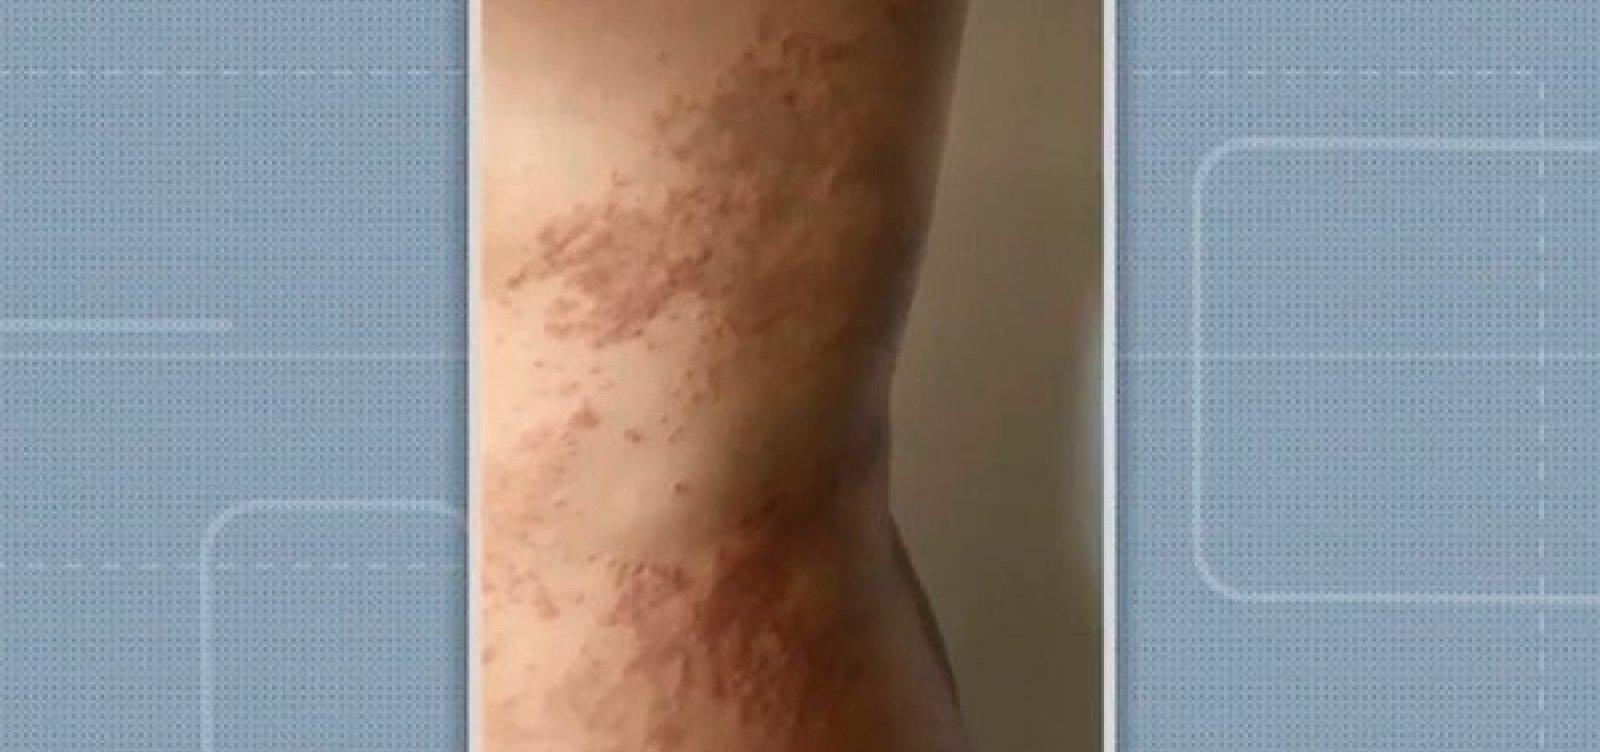 [Mais de 100 pessoas já foram diagnosticadas com doença 'misteriosa' no bairro de Patamares, em Salvador]